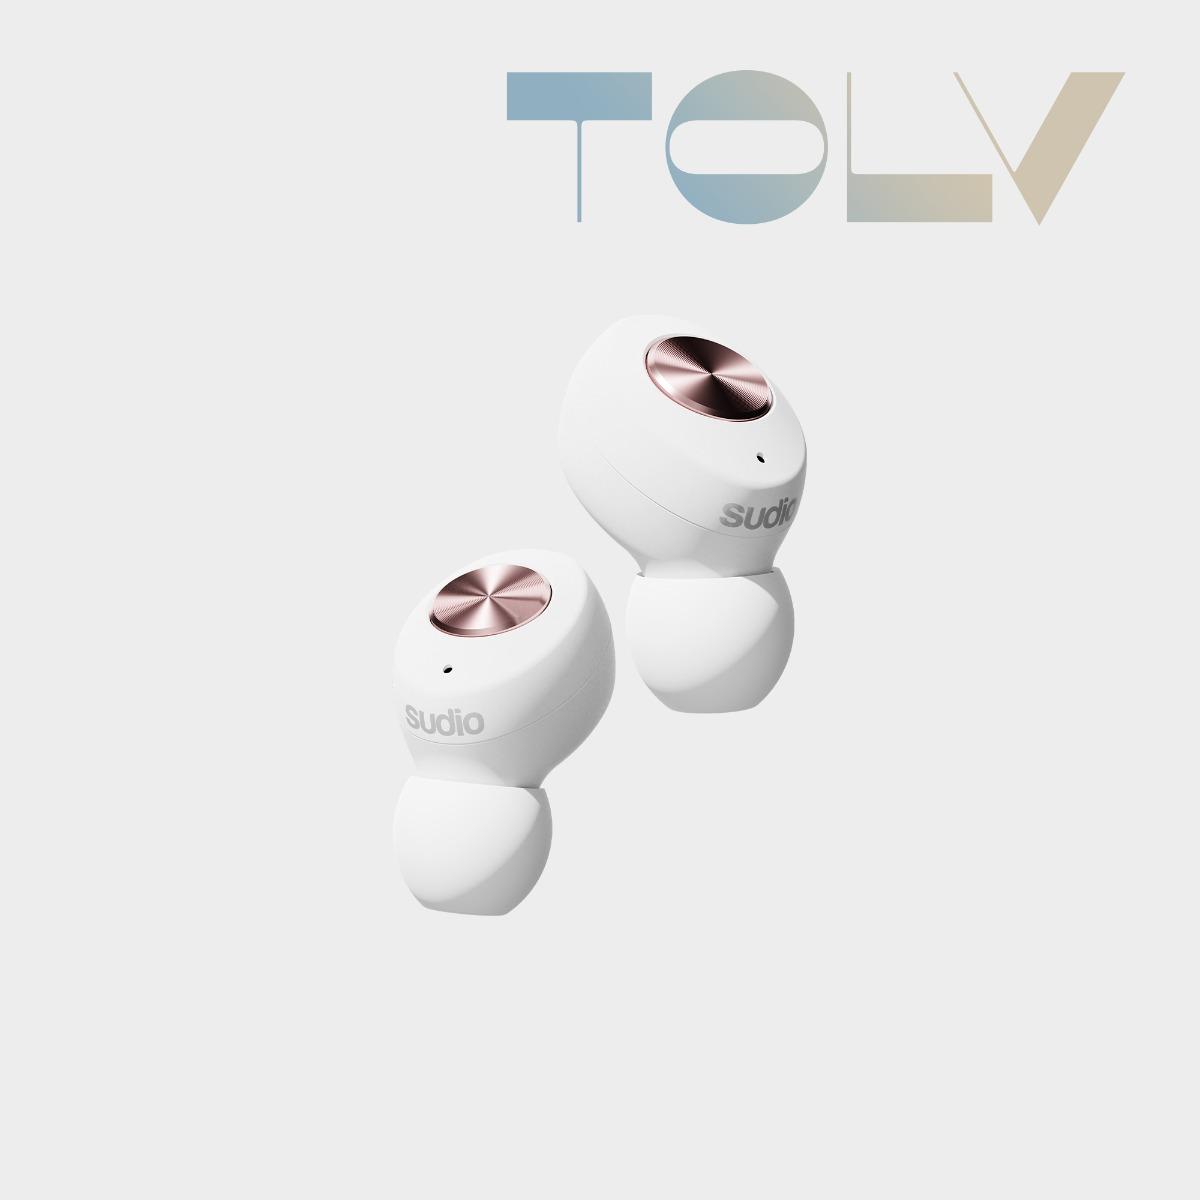 Sudio Tolv 入耳式耳机 蓝牙耳机 无线 石墨烯驱动